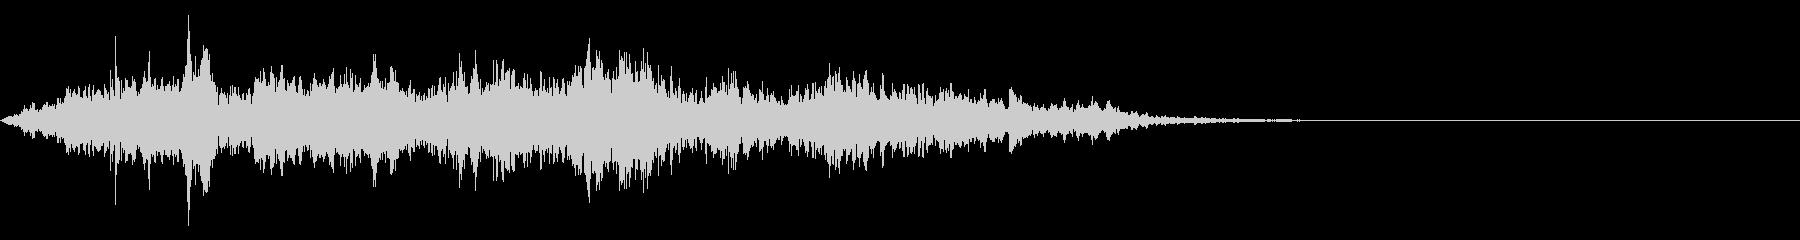 引きずる音 5の未再生の波形